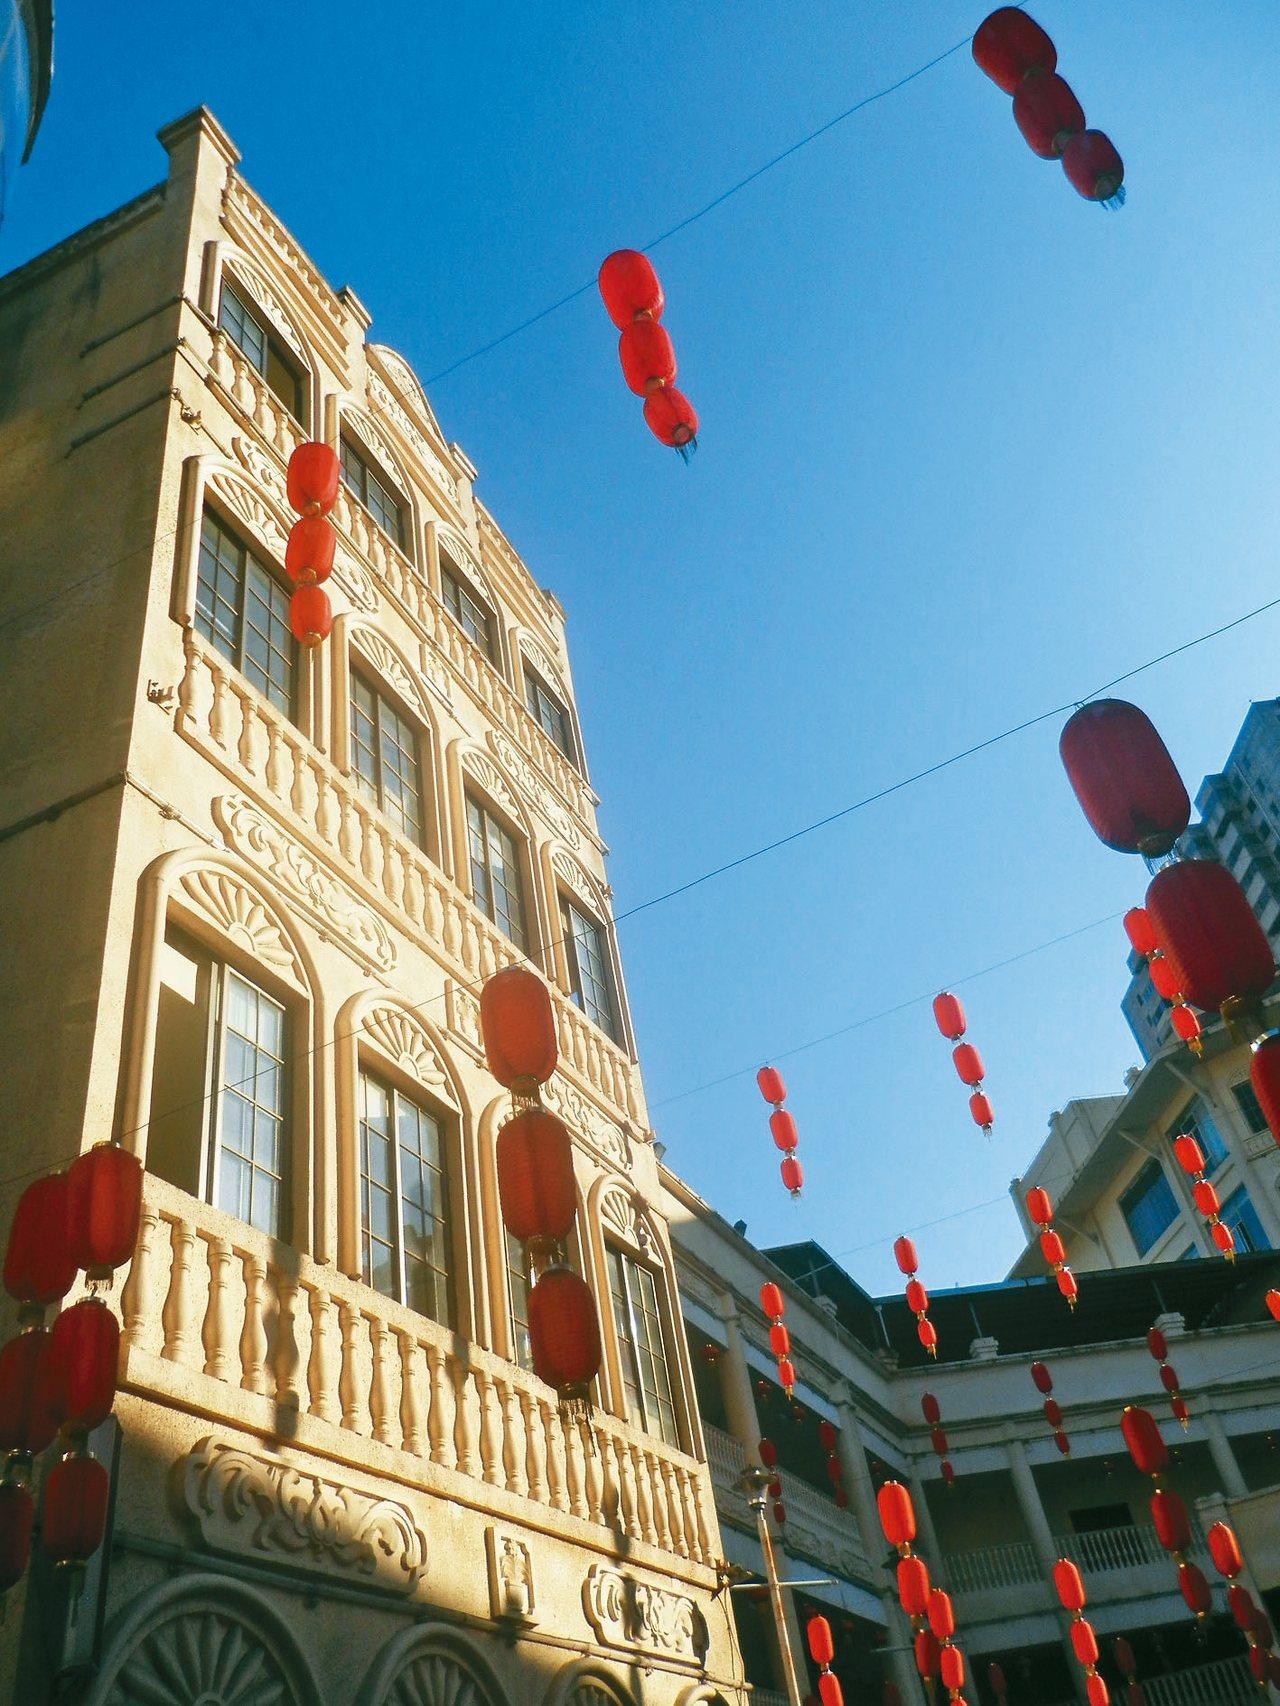 海口市騎樓小吃街。 楊明˙攝影